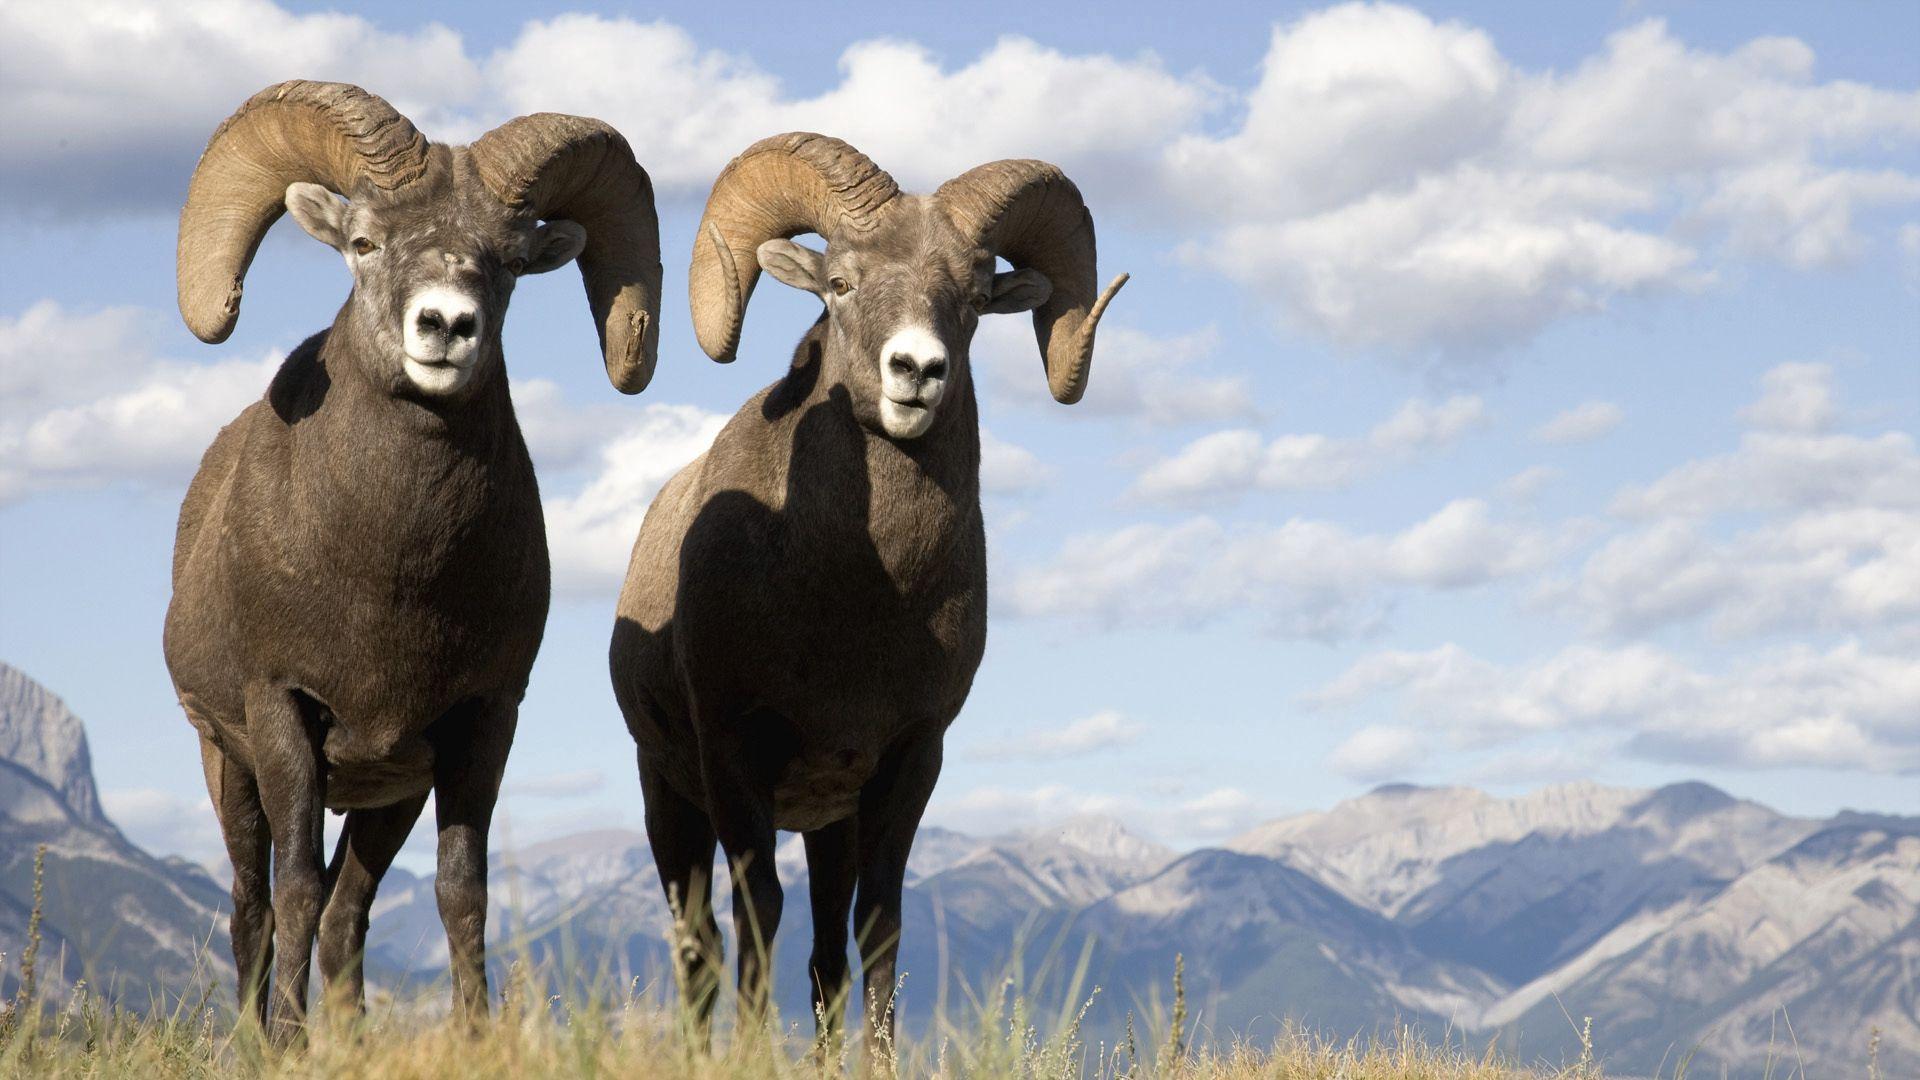 88411 Hintergrundbild herunterladen Tiere, Grass, Mountains, Rams - Bildschirmschoner und Bilder kostenlos